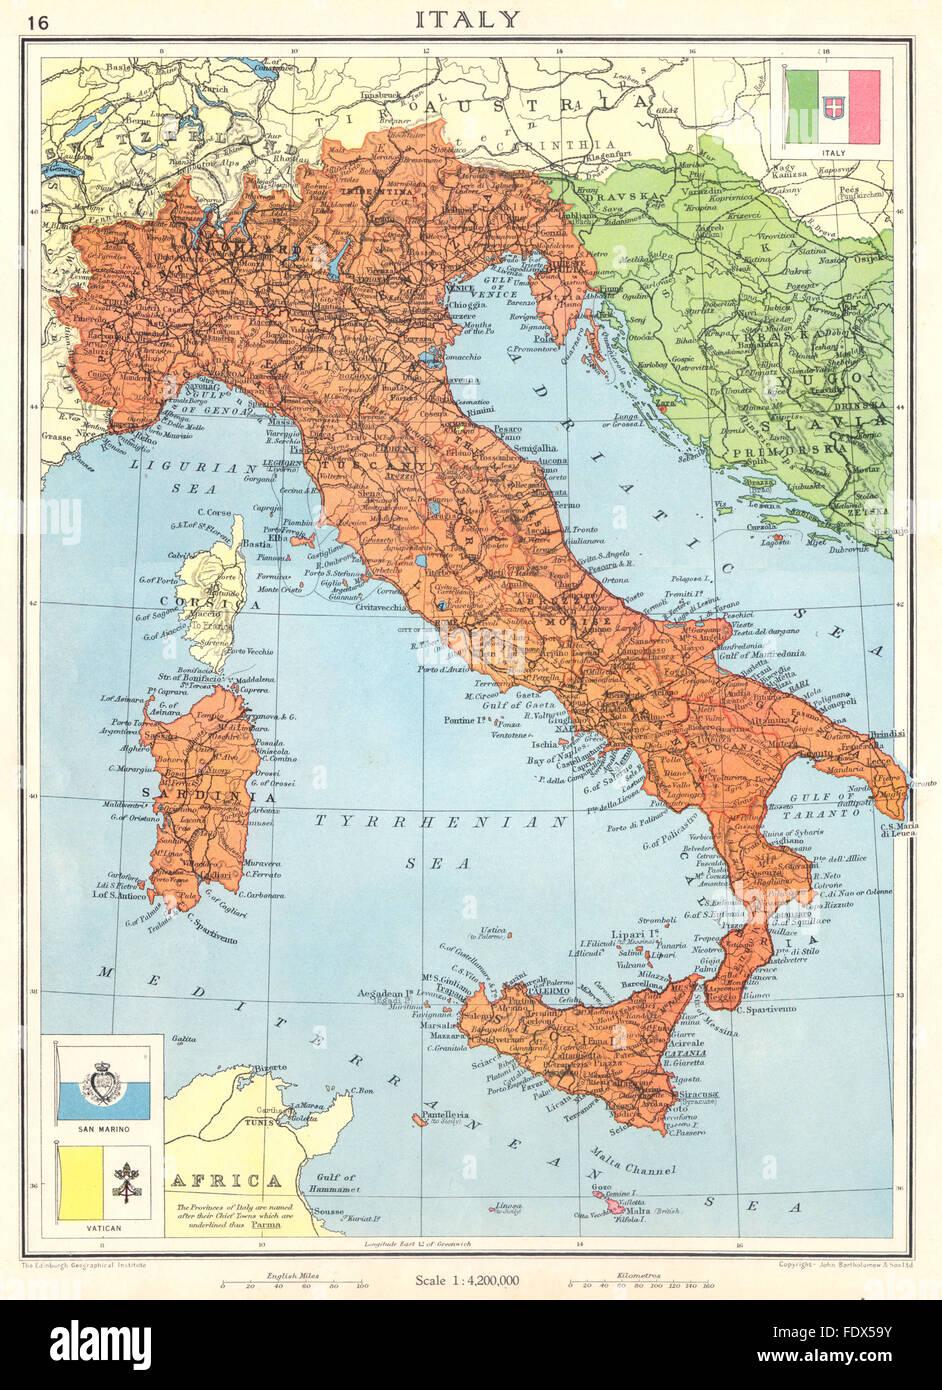 italien istrien karte Italien: kurz vor dem 2. Weltkrieg. Enthält Istrien Zara/Zadar